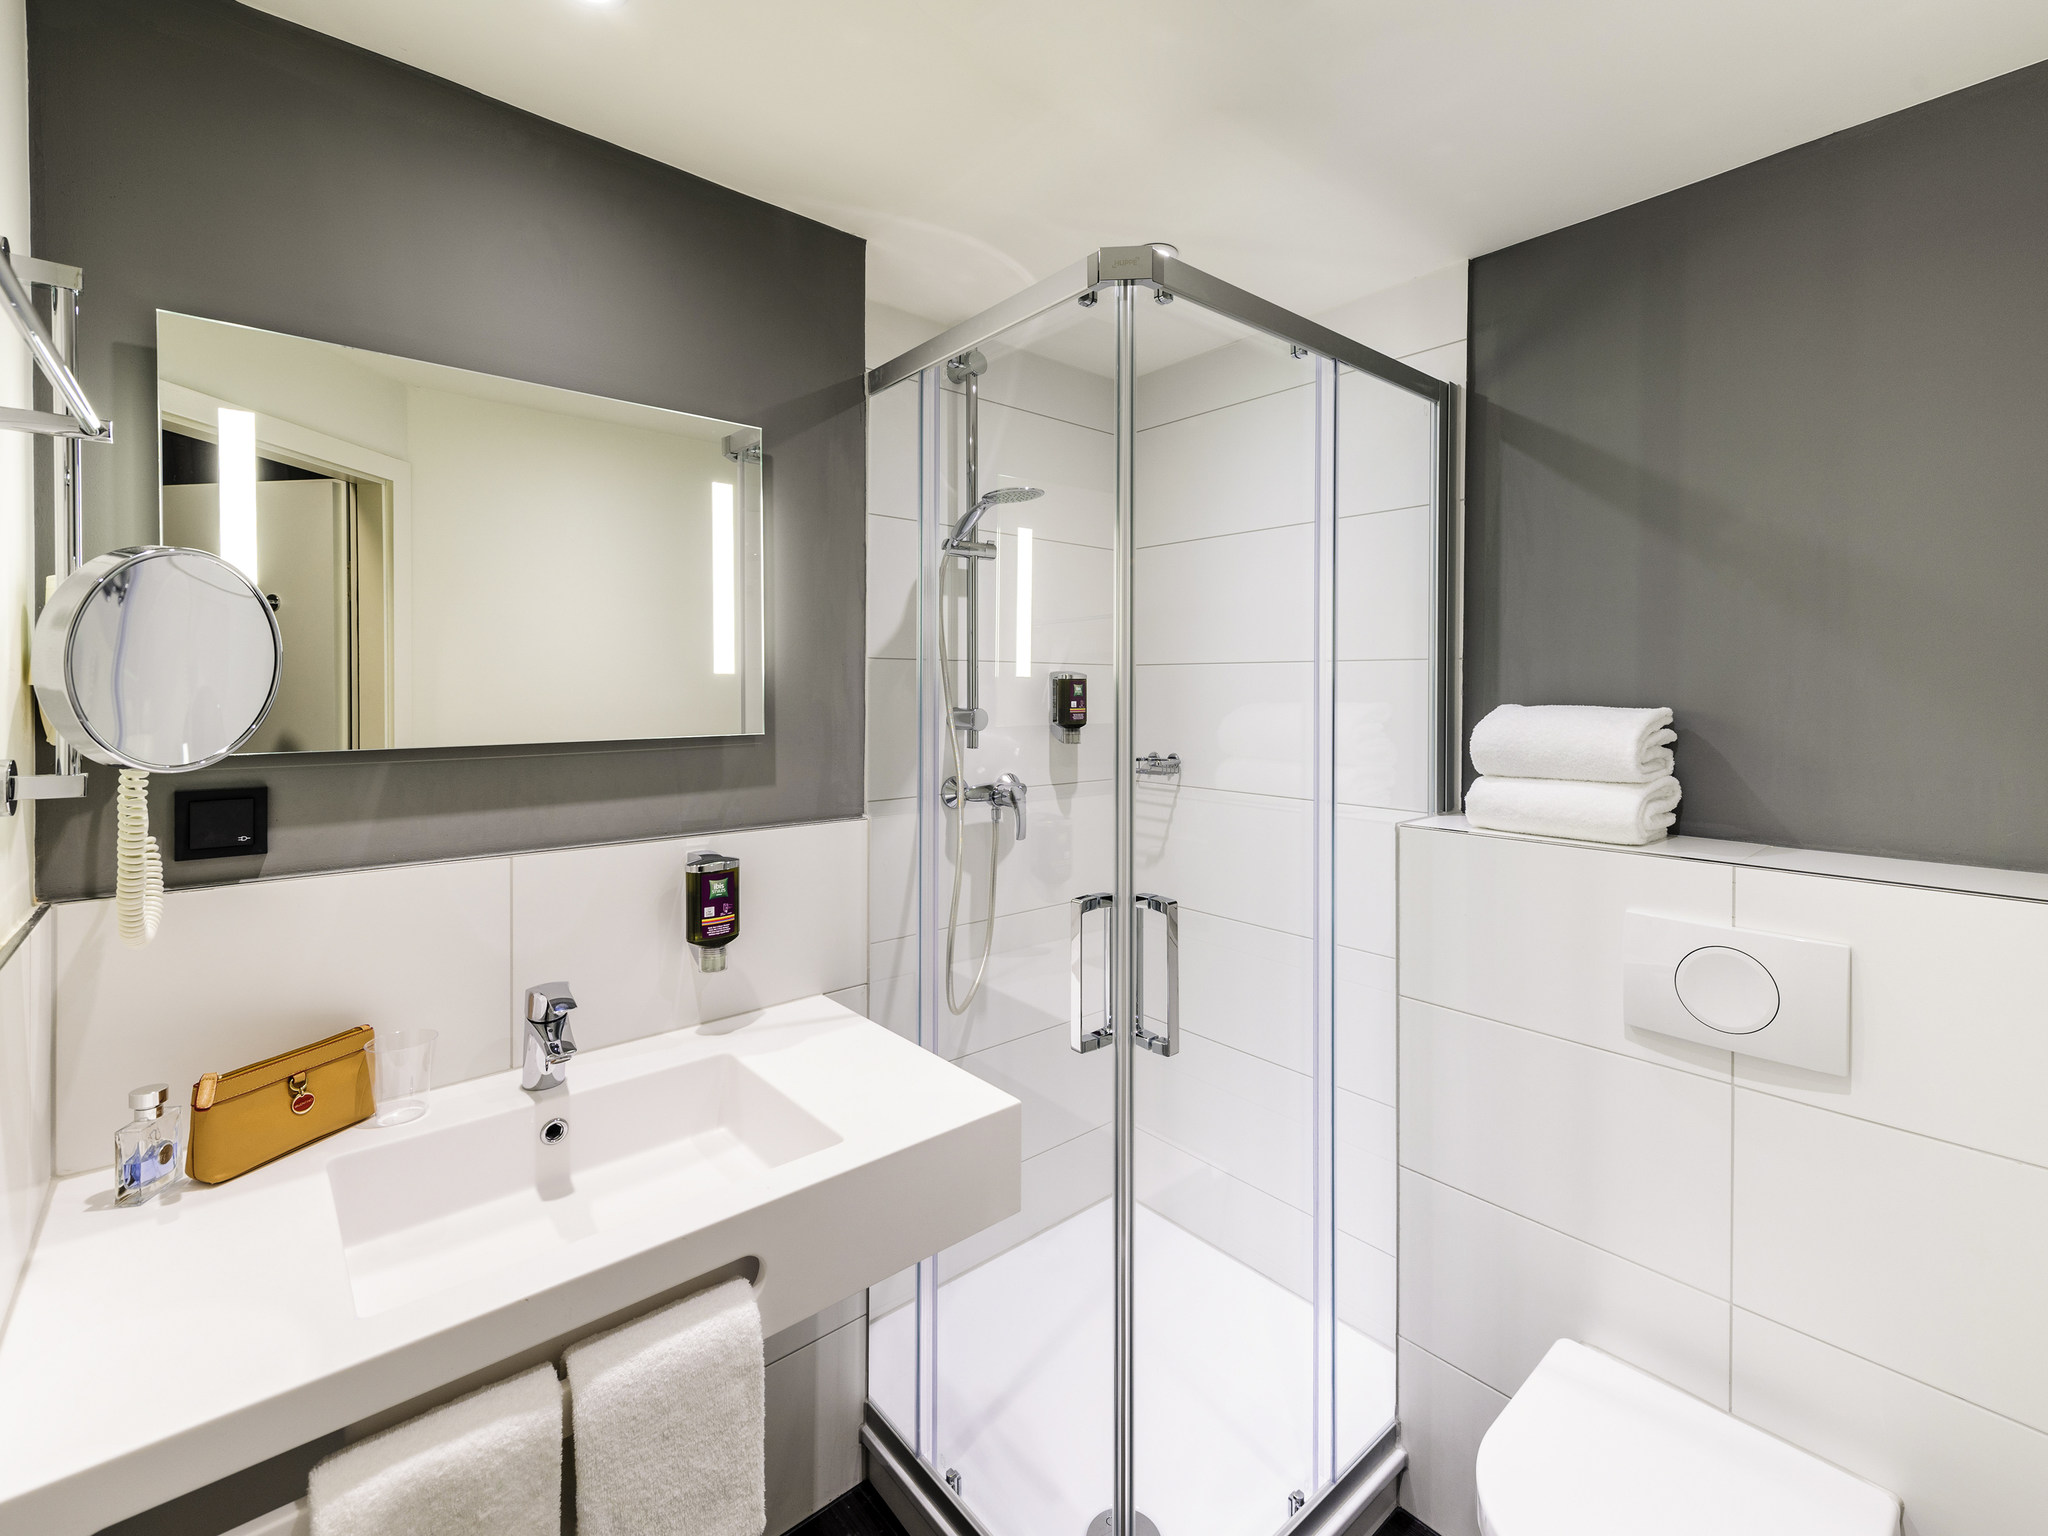 Das ibis Styles Hotel Halle verbindet Musik und Design